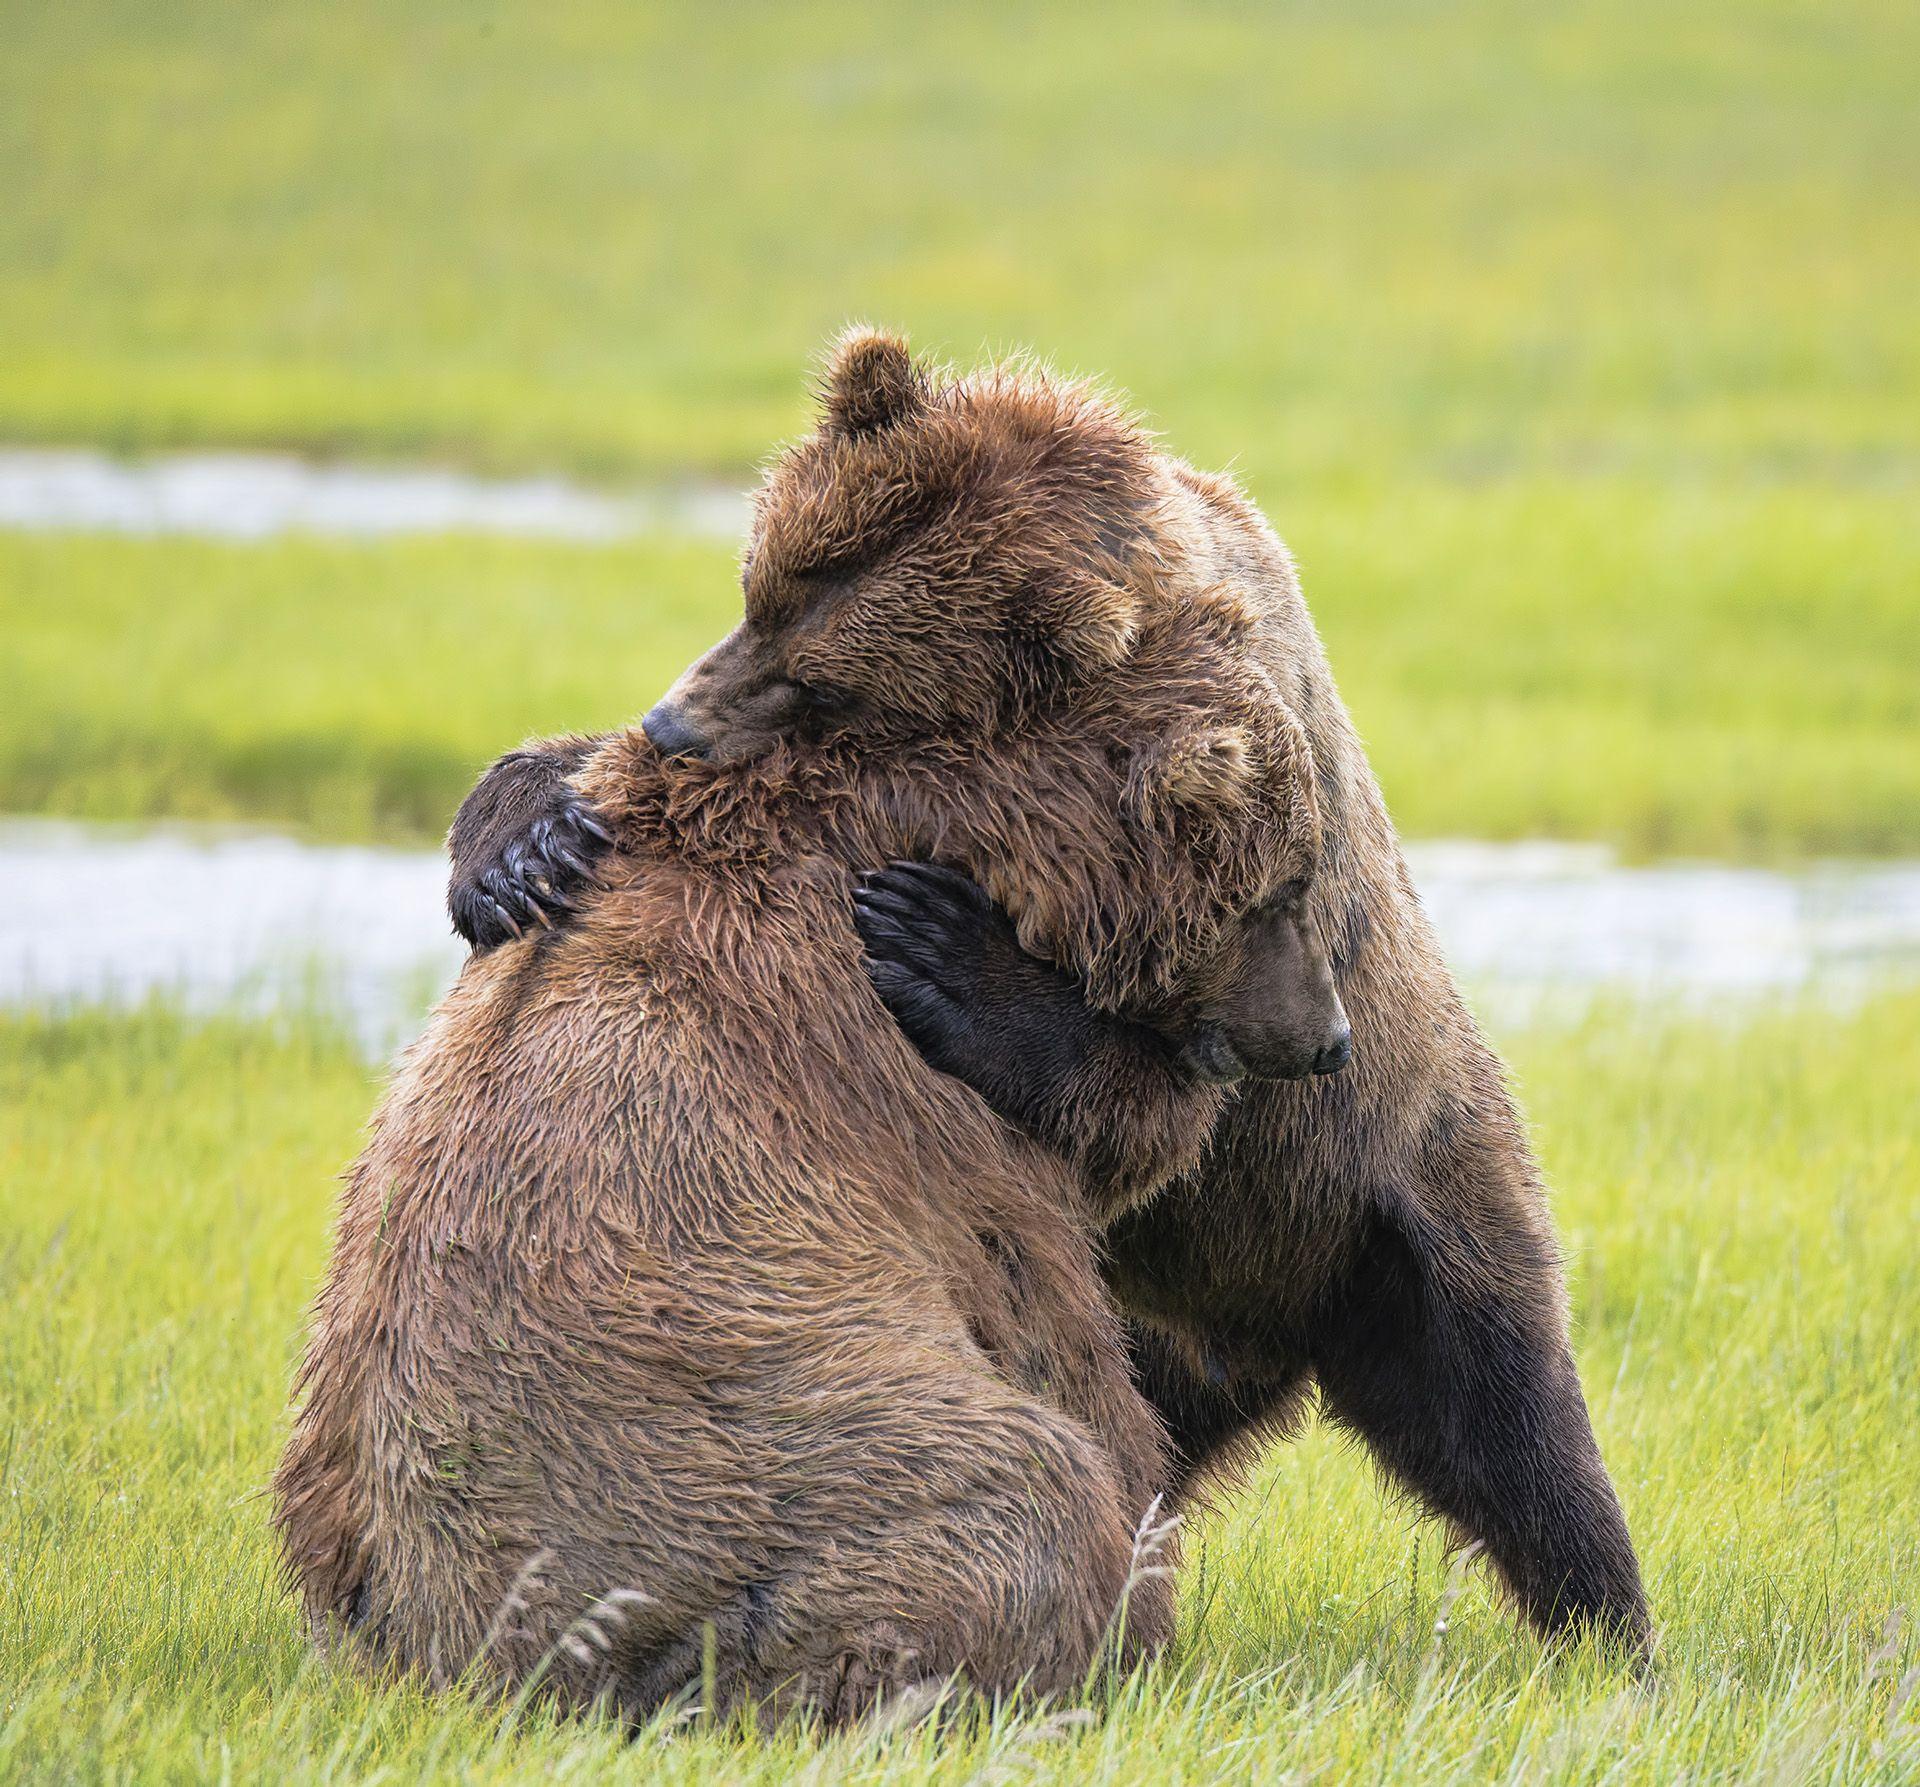 первую животные которые обнимаются фото красоту можно